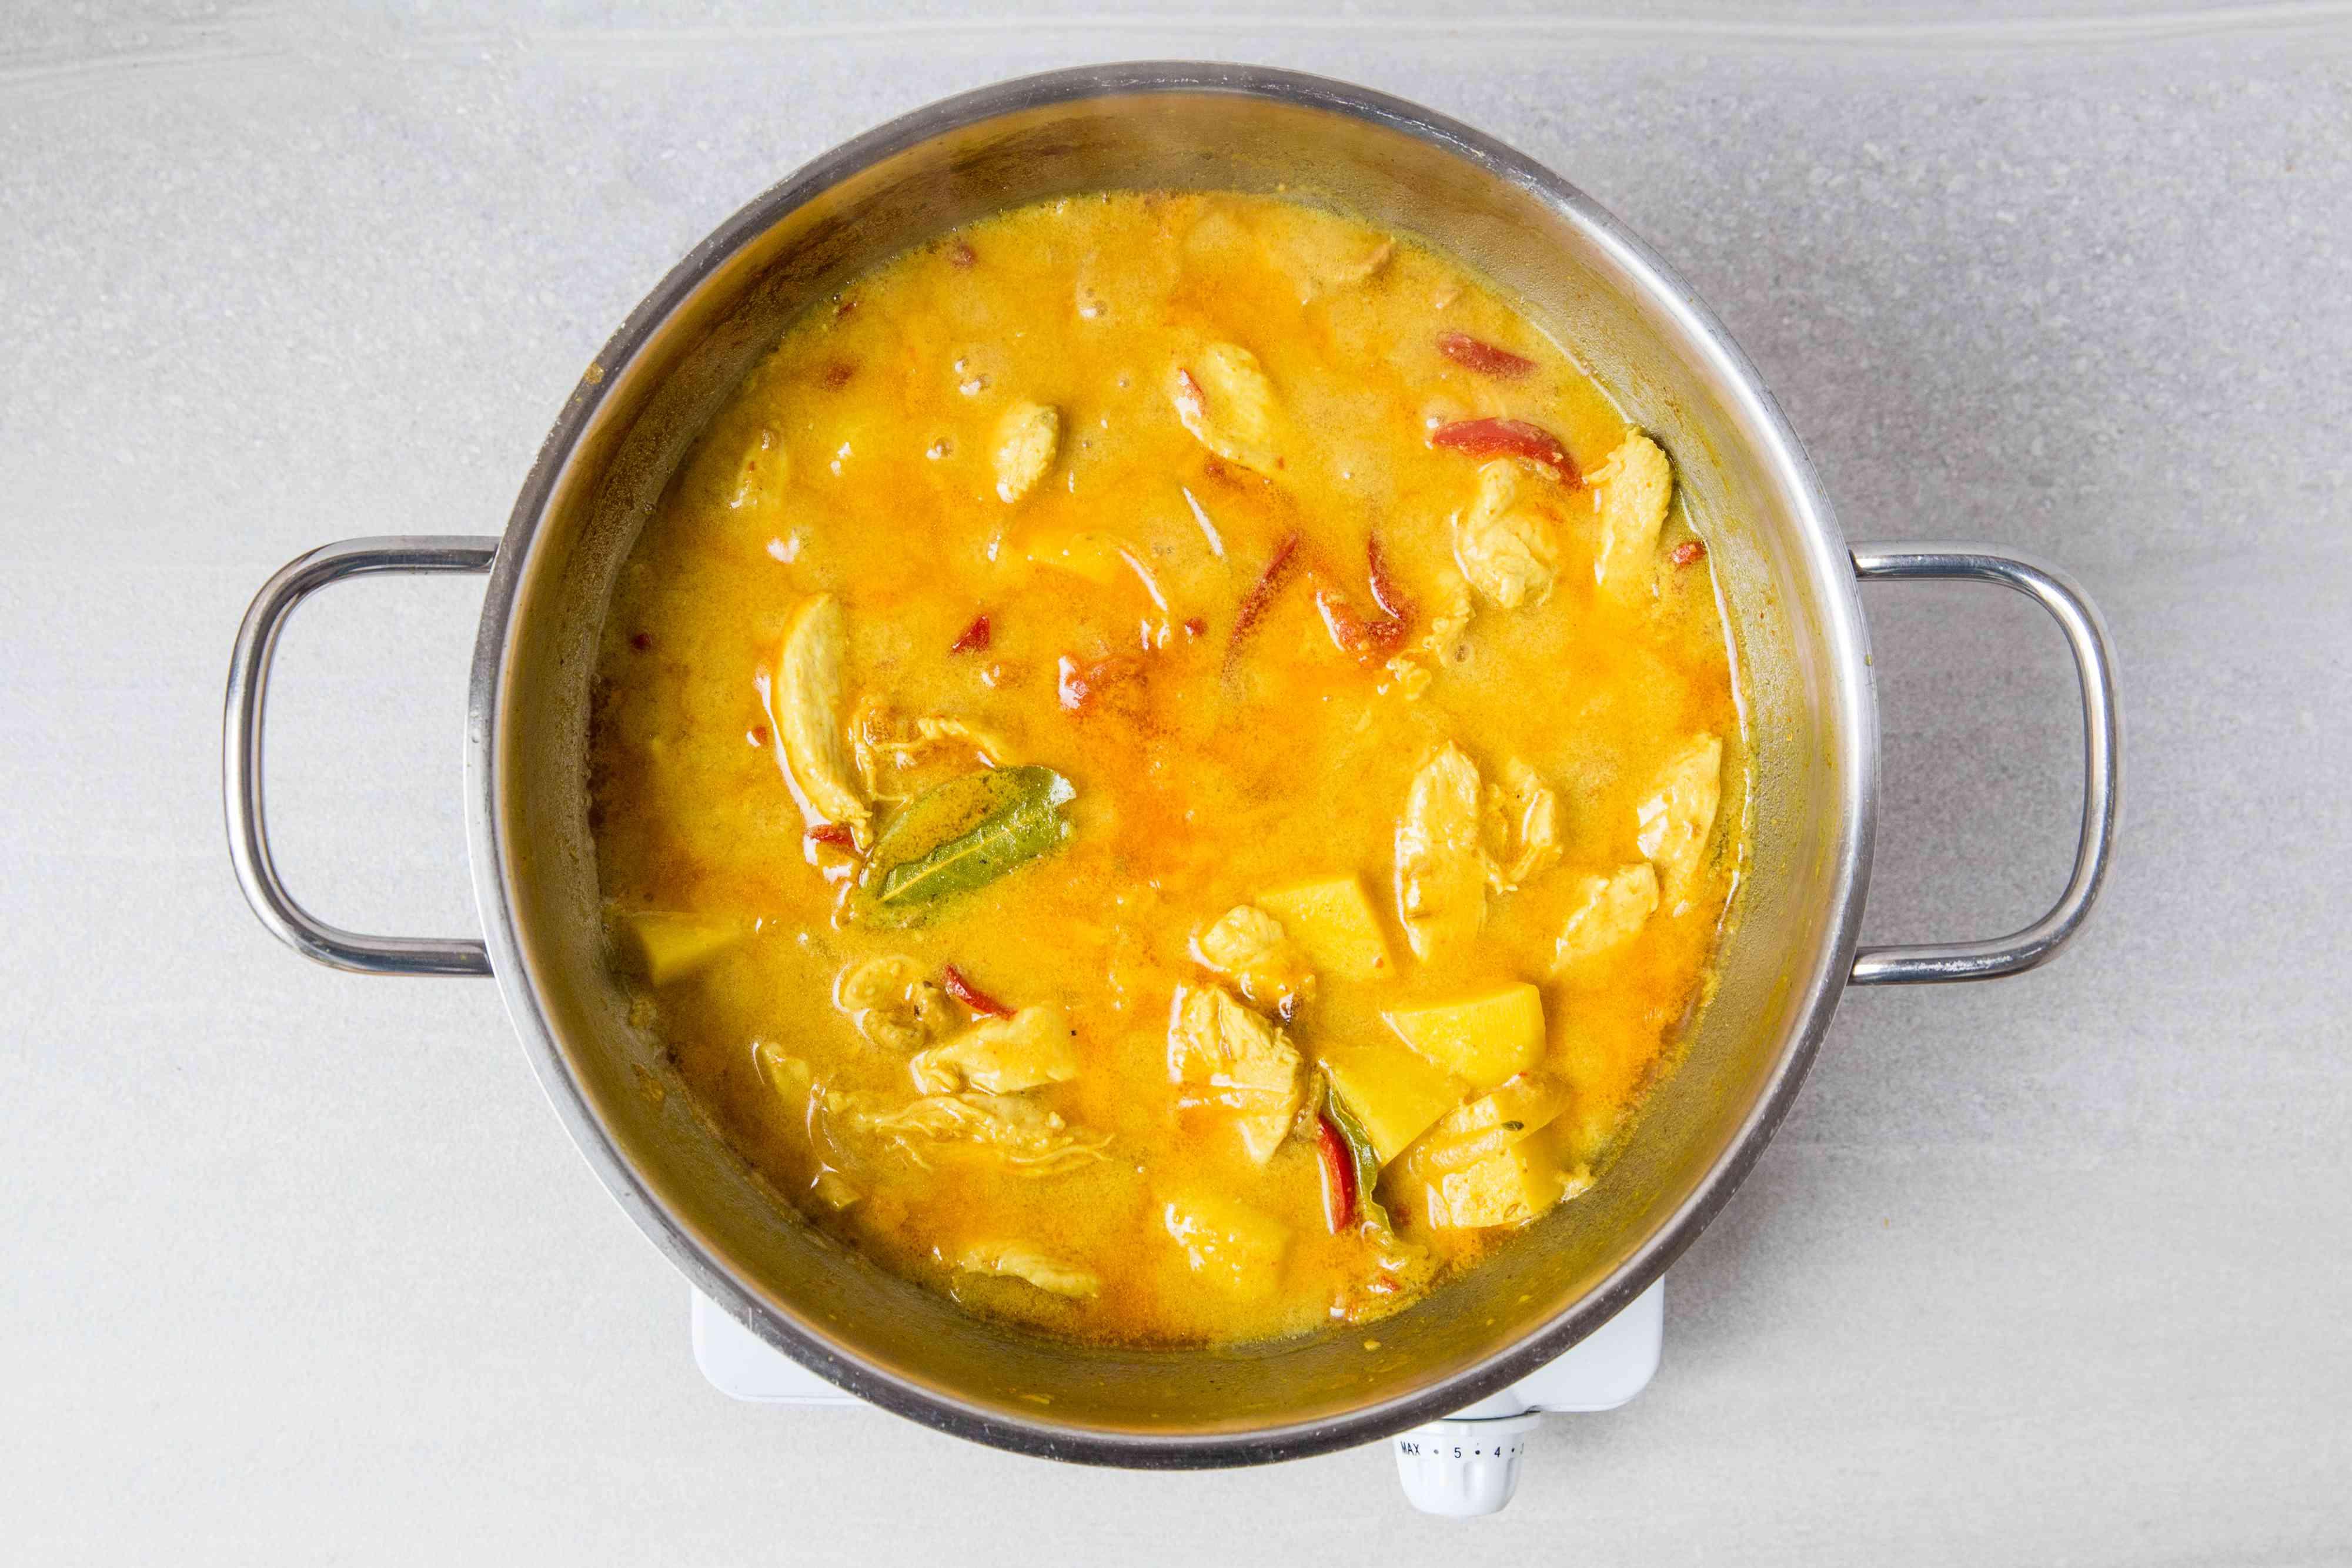 A pot of Thai massaman chicken curry simmering